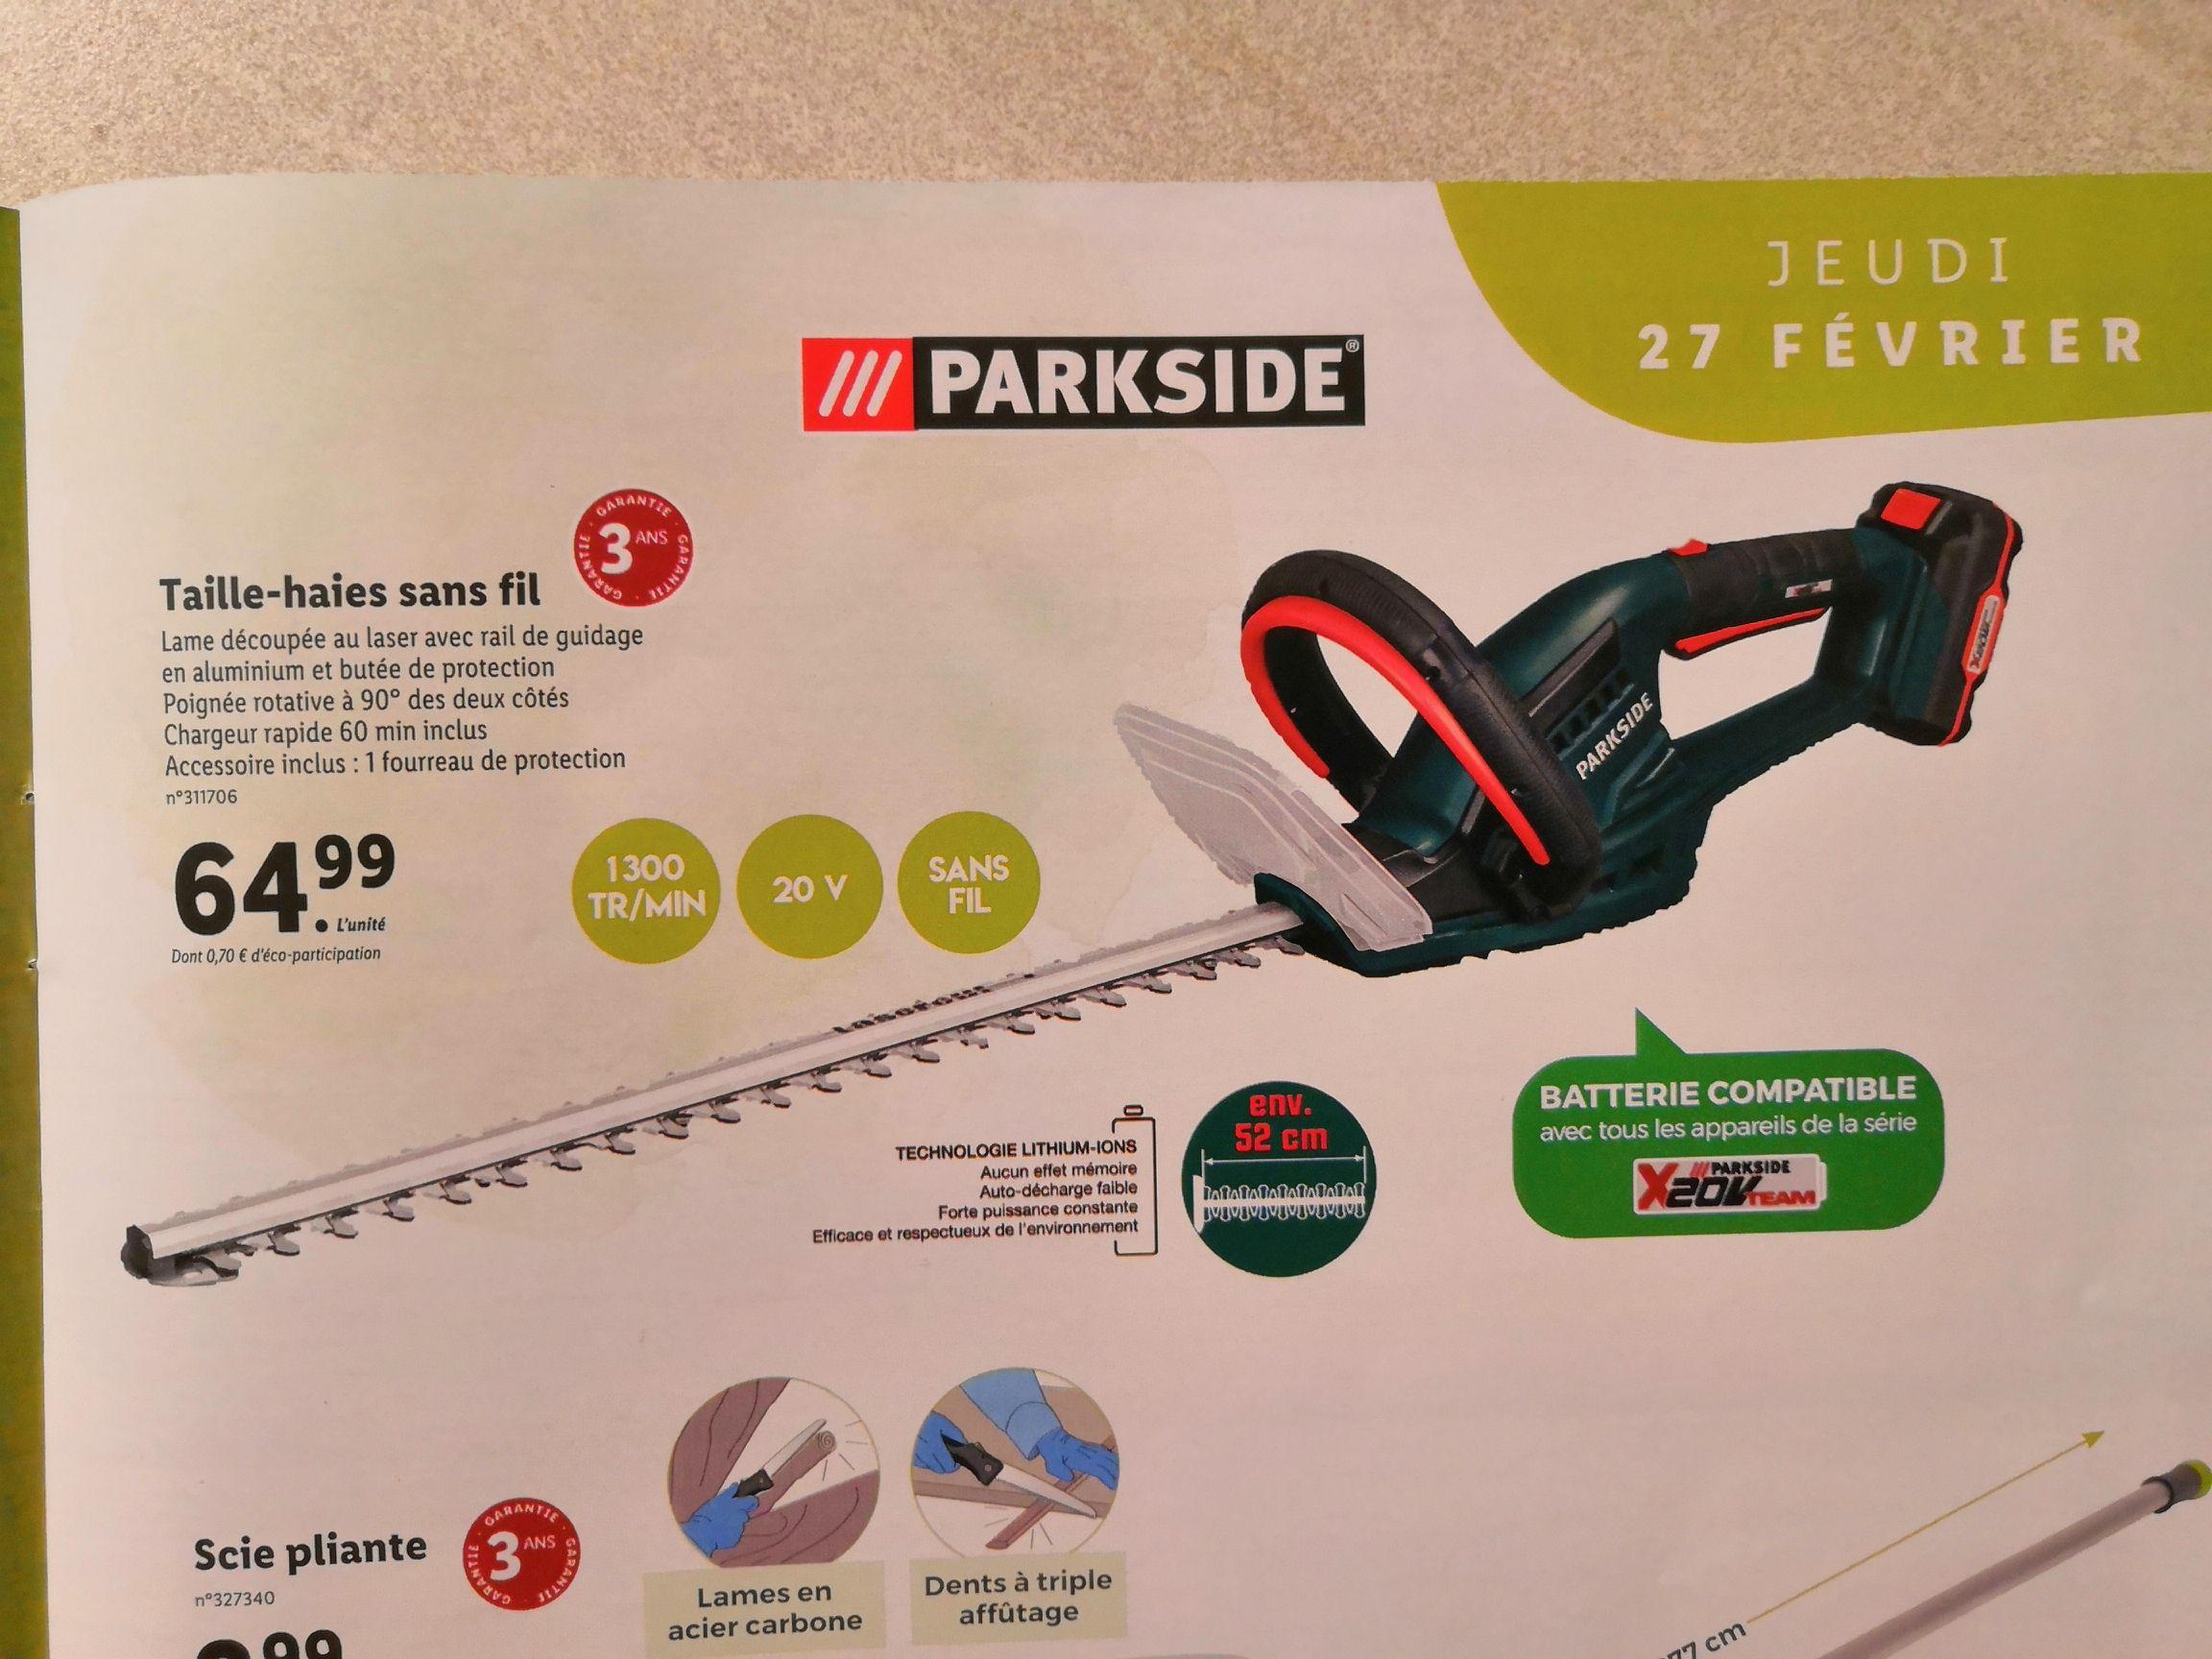 Taille-haies Sans-fil Parkside compatible Batterie X20V Team